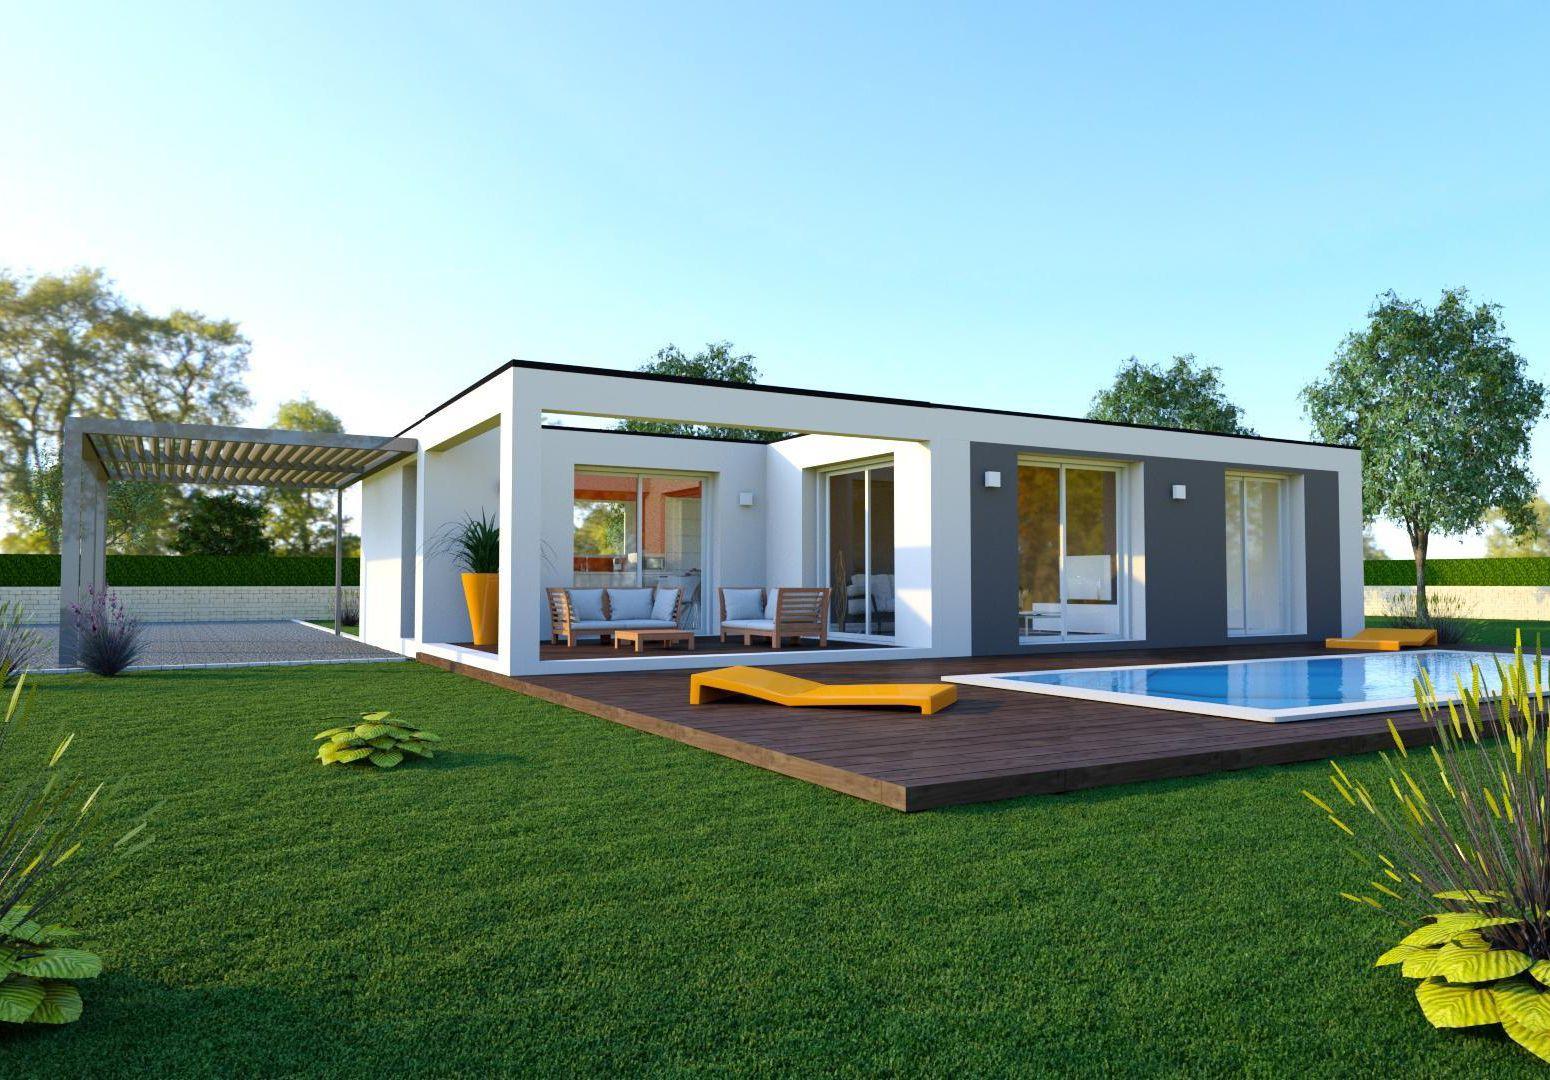 Image du modèle de maison BREAL 3CH 100